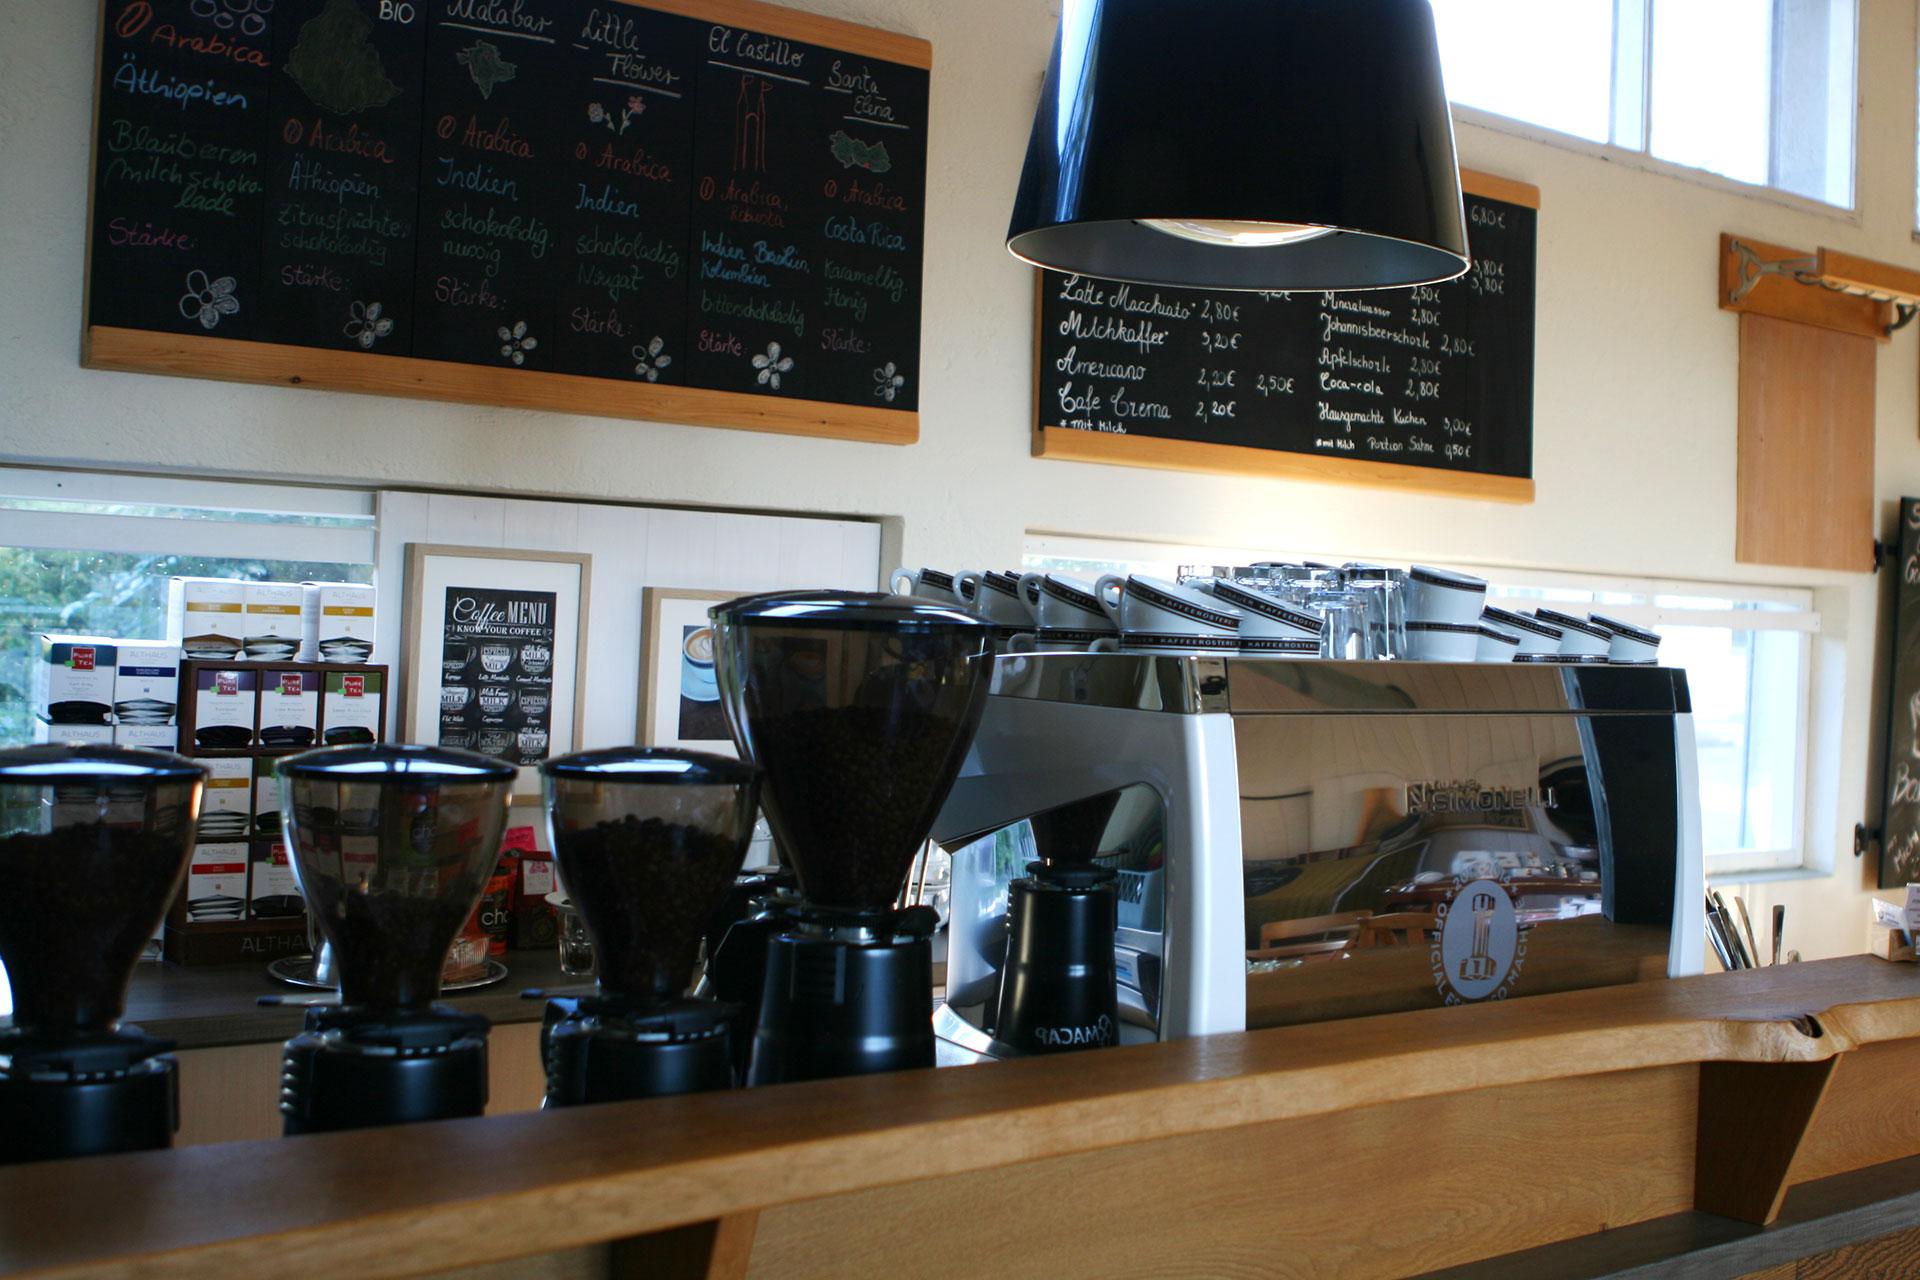 KOFFEIN IM BLUT: Durch die Espressowüste mit dem Rennrad / Vom Mahlgrad und dem Tampen über die Extraktion bis zum richtigen Milchschäumen und der Latte Art entdeckt man in der Murnauer Kaffeerösterei echte Begeisterung, die ansteckend ist und natürlich auch schmeckt.